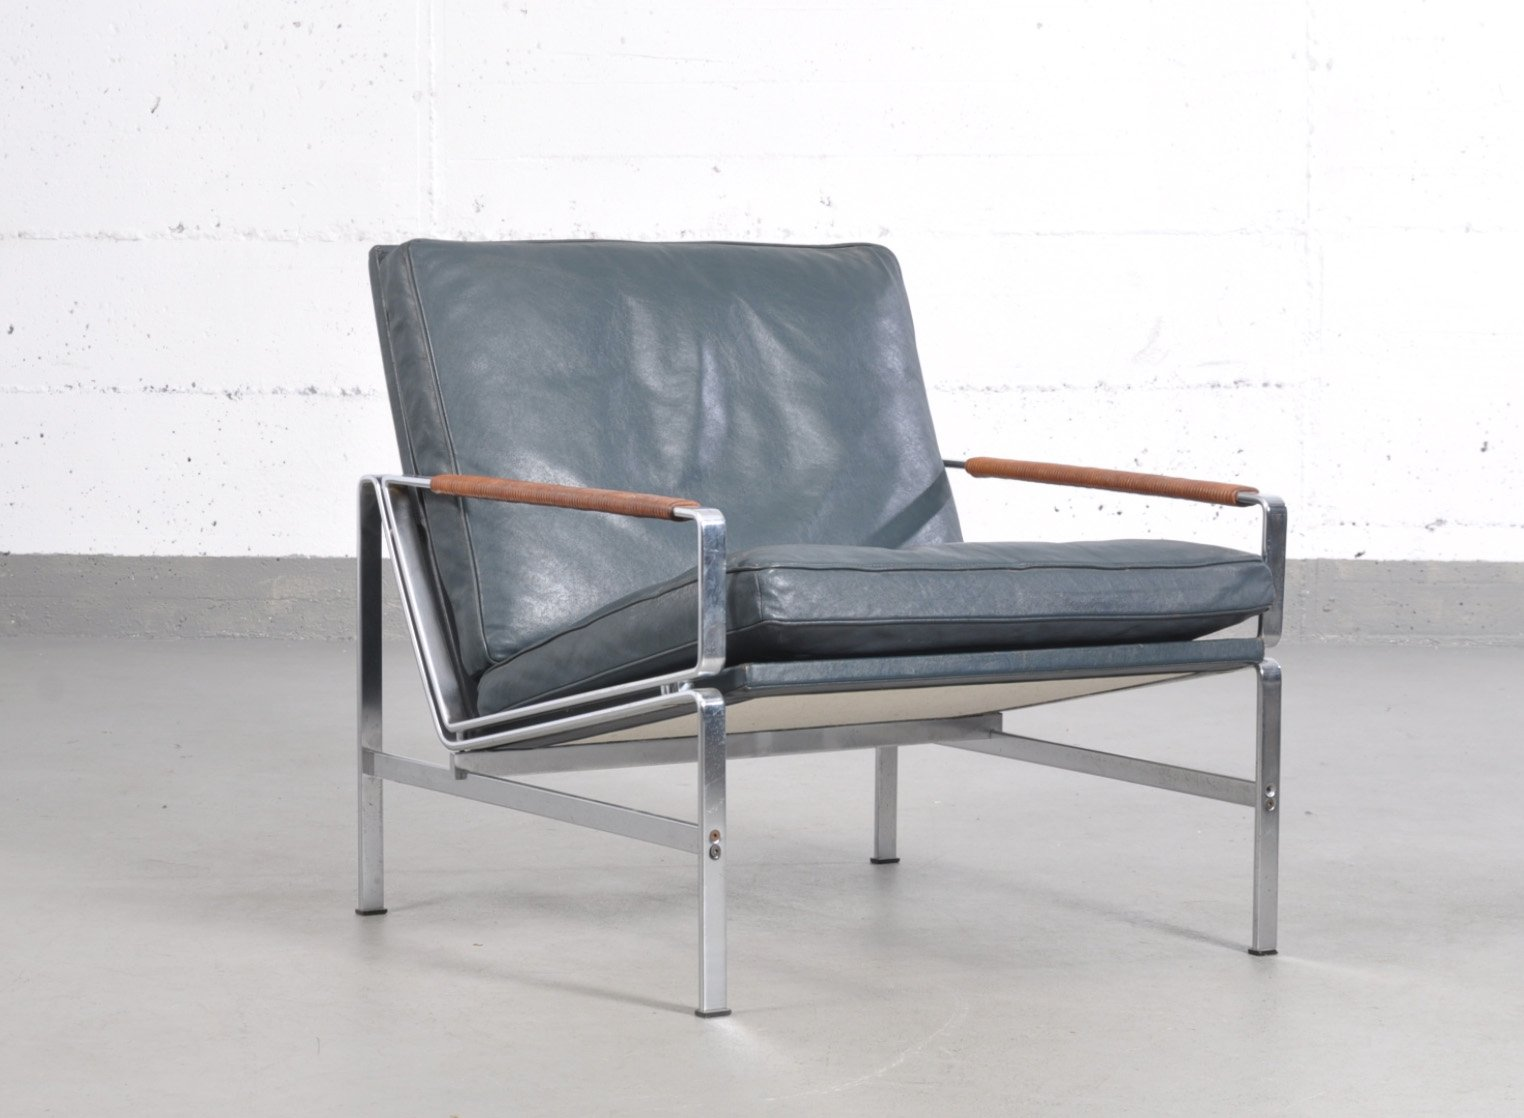 fauteuil canap deux places fk 6720 vintage par fabricius kastholm pour kill international. Black Bedroom Furniture Sets. Home Design Ideas